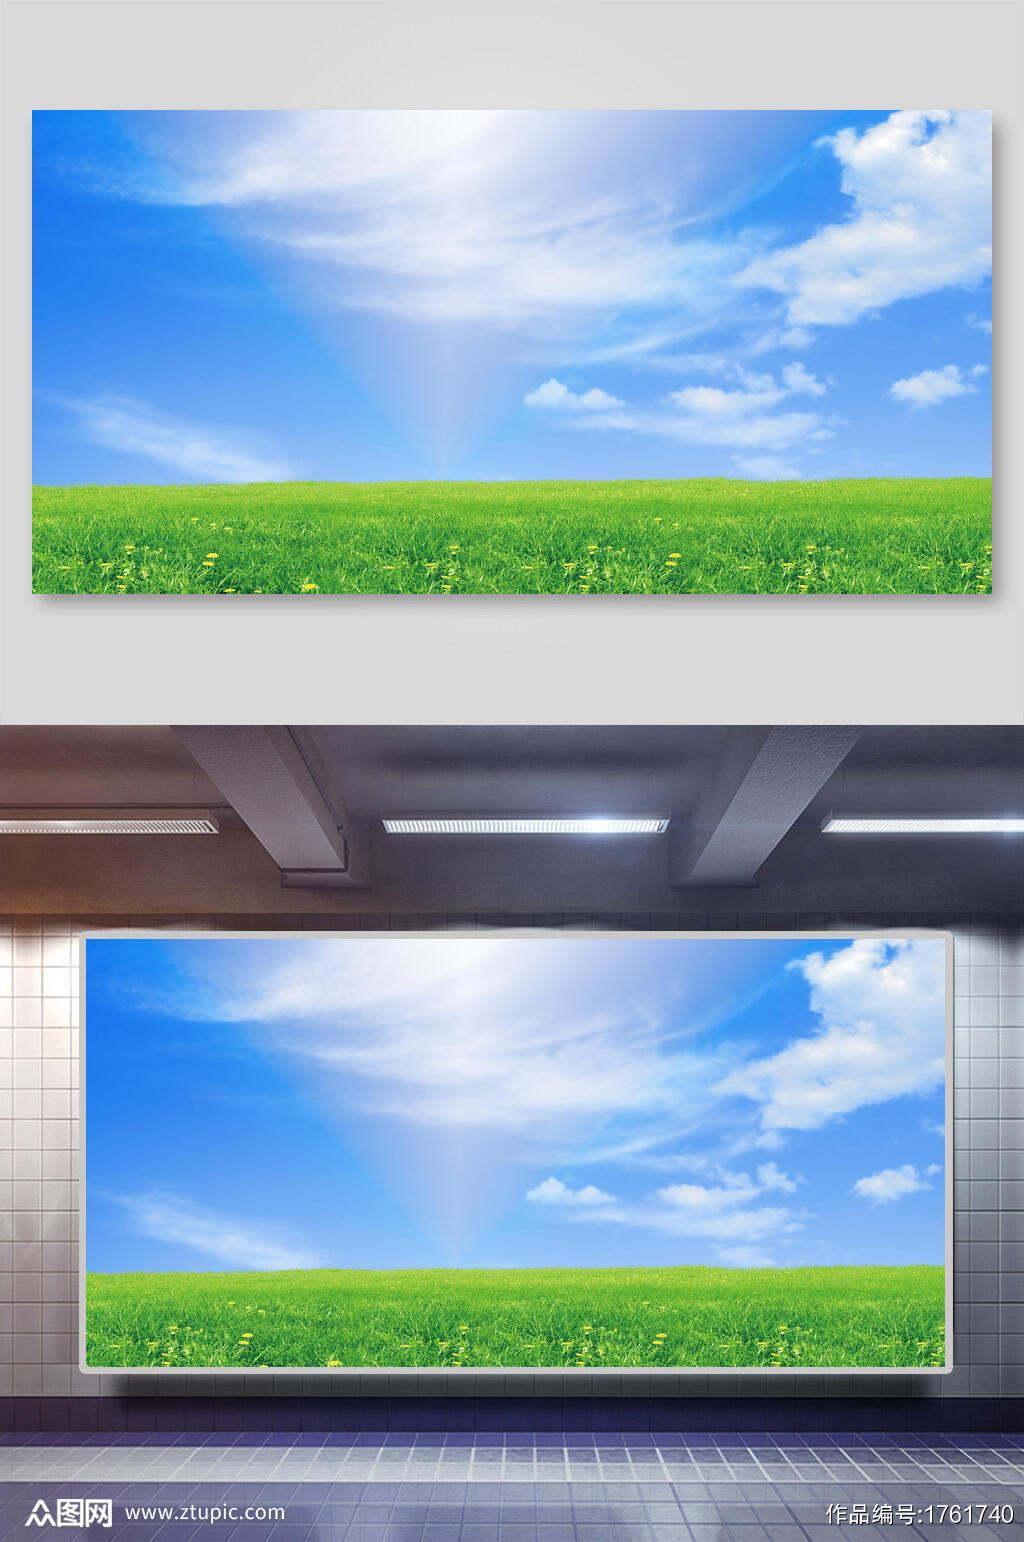 清新蓝天白云草地背景素材素材